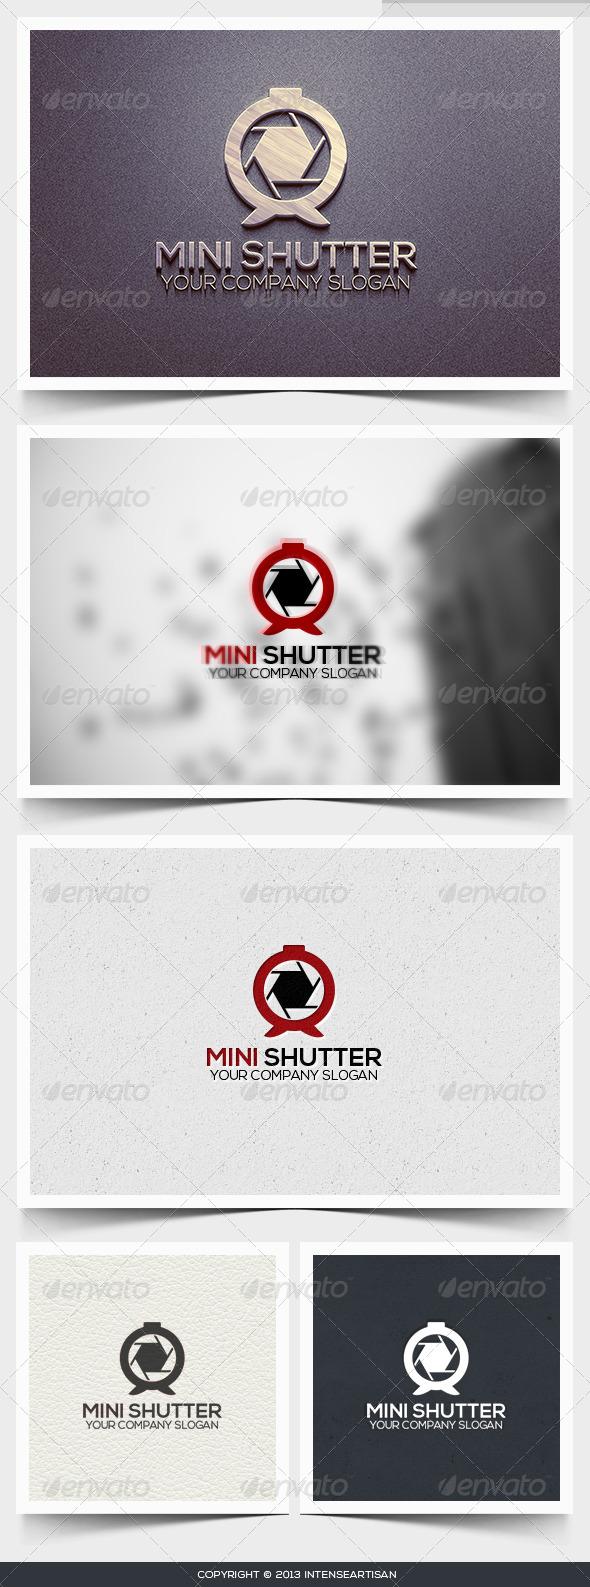 GraphicRiver Mini Shutter Logo Template 6395369